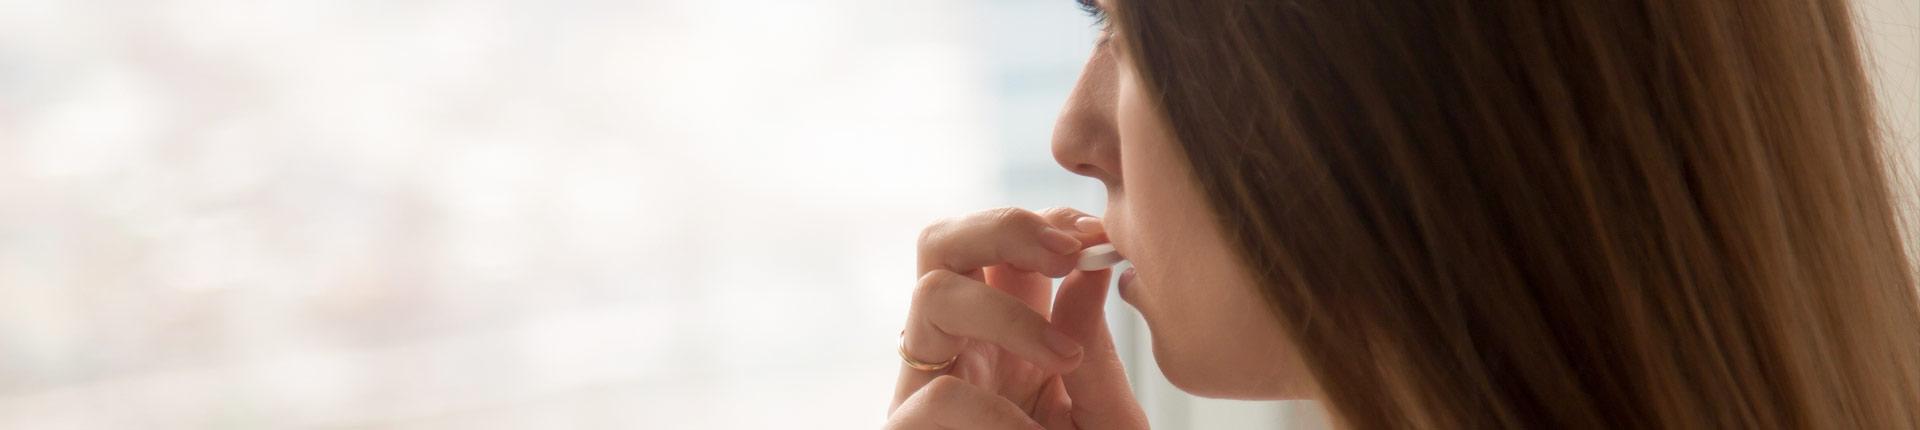 Kombinacje produktów spożywczych i leków, których należy unikać